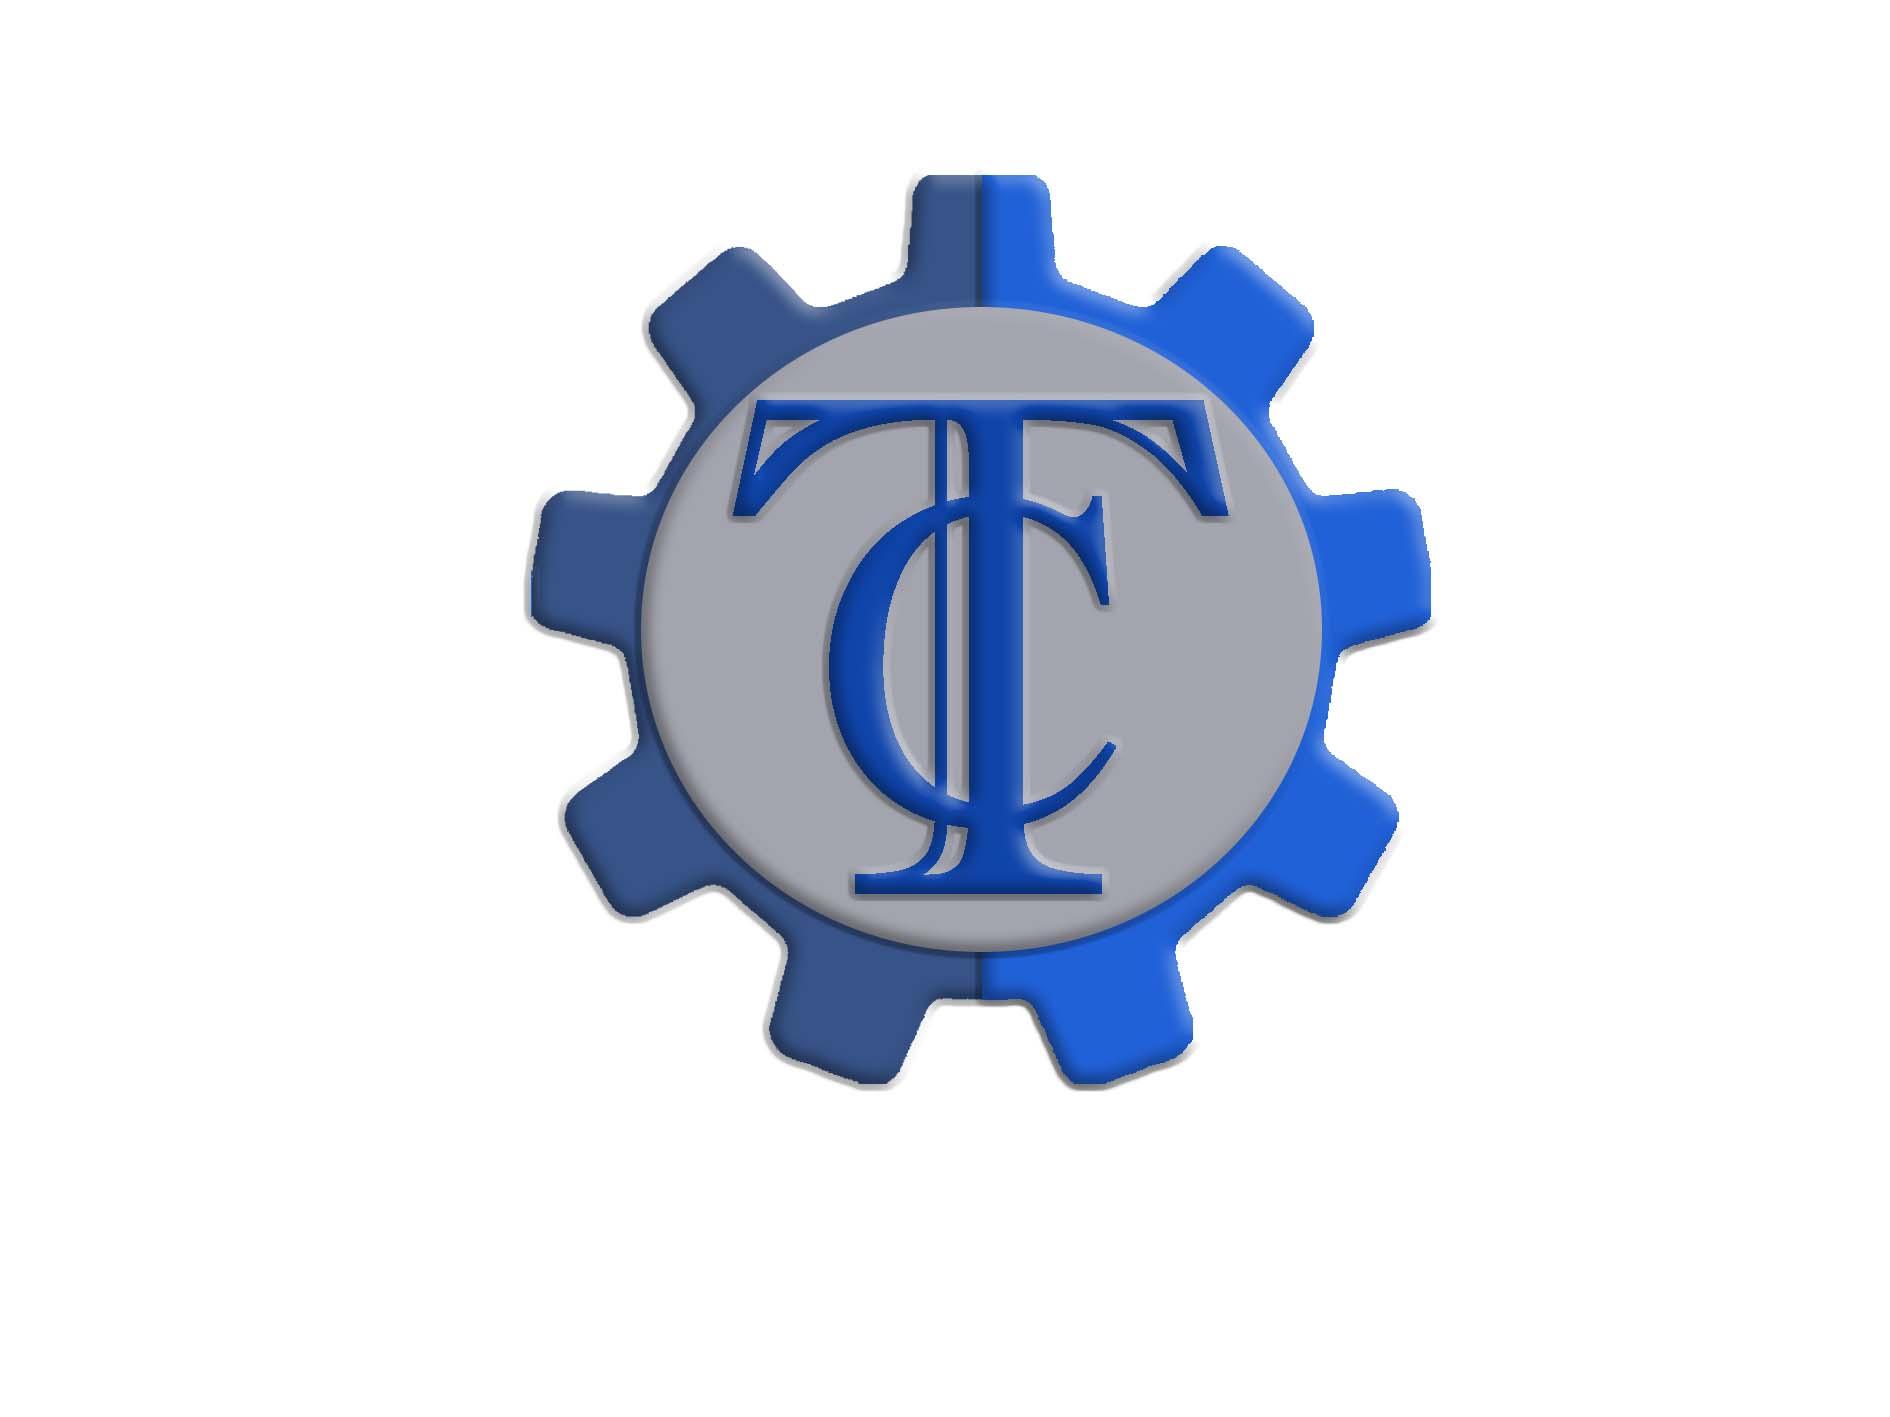 Разработка логотипа и фирм. стиля компании  ТЕХСНАБ фото f_2675b1ff84acc274.jpg